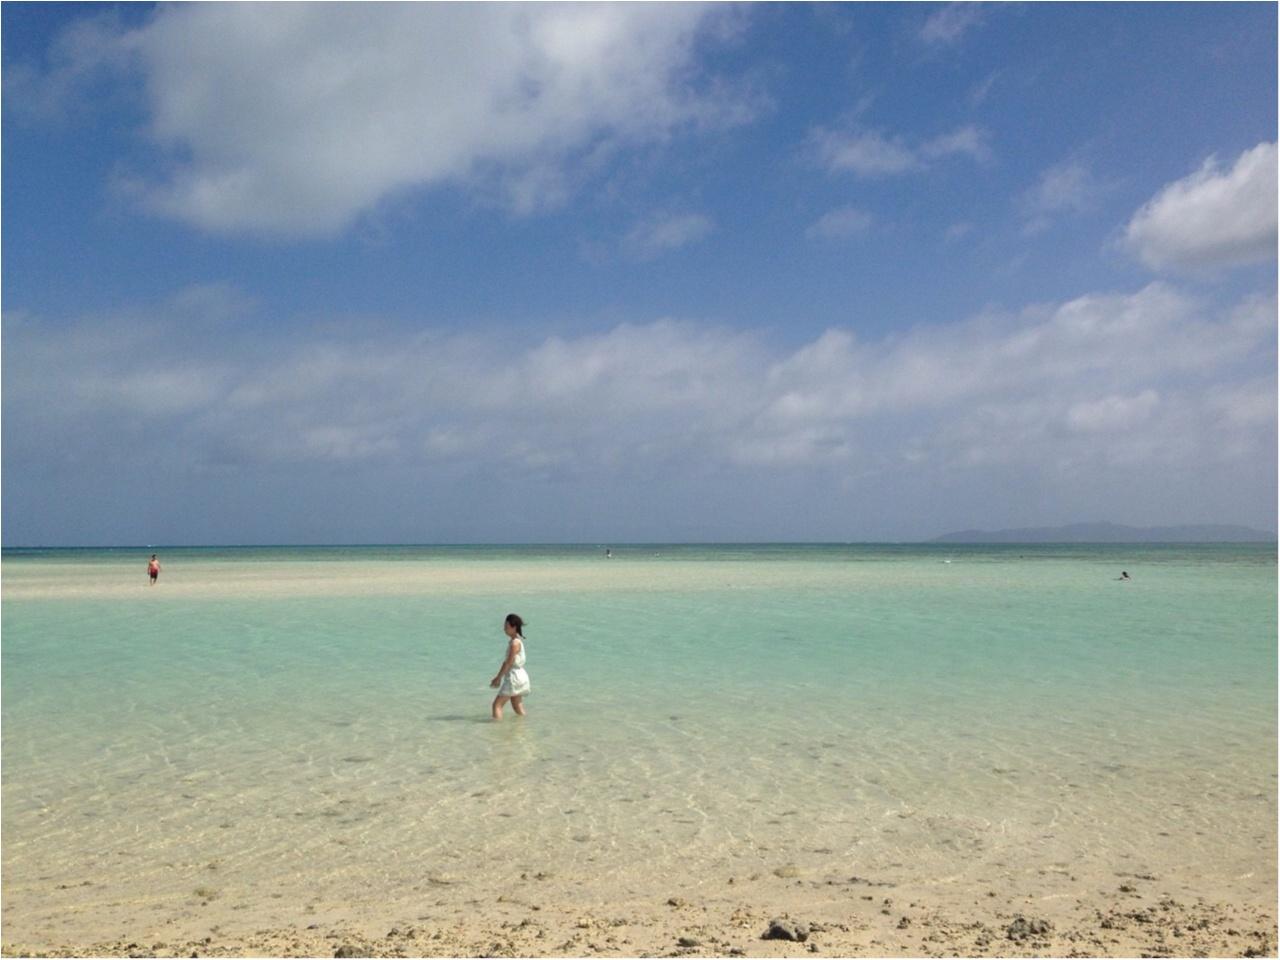 オススメ本【Travel】海?山?世界遺産?旅行好きな方へ。世界一周した気分に、、✨✨夏休みどこいくか決めた??❤️_1